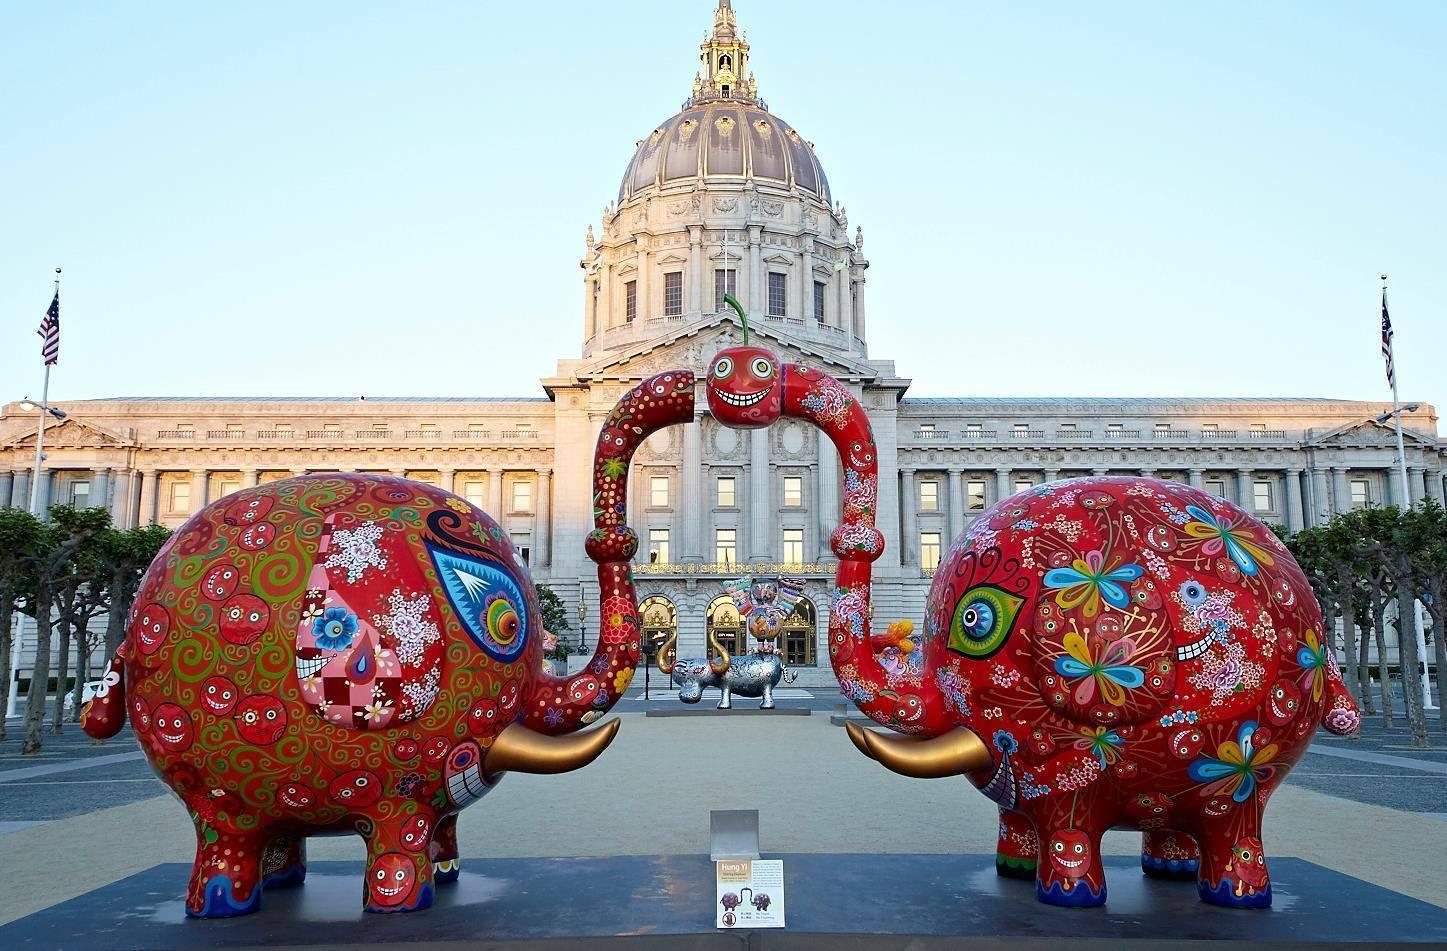 2015美國舊金山市政中心廣場 這是我們最喜歡的展覽。